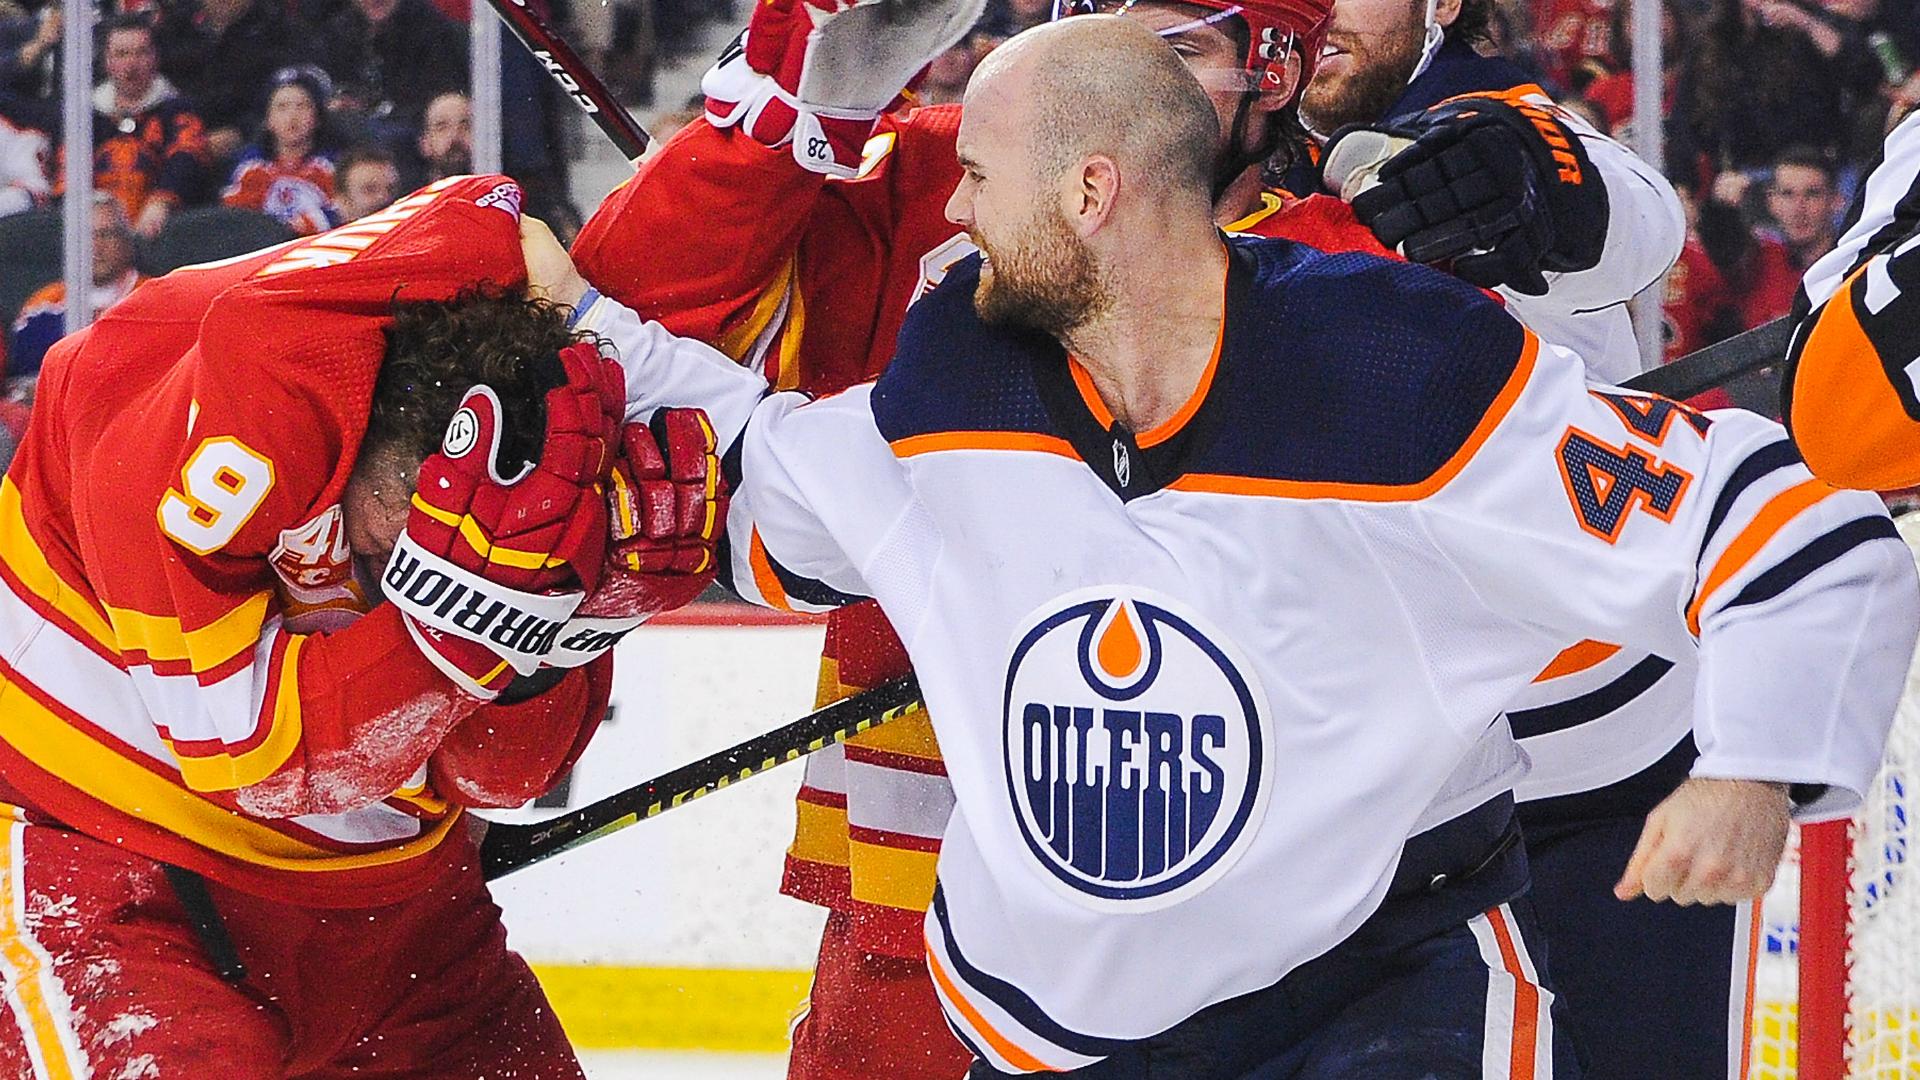 Edmonton Oilers Zack Kassian Calls Out Flames Matthew Tkachuk After Wild Beatdown Sporting News Canada